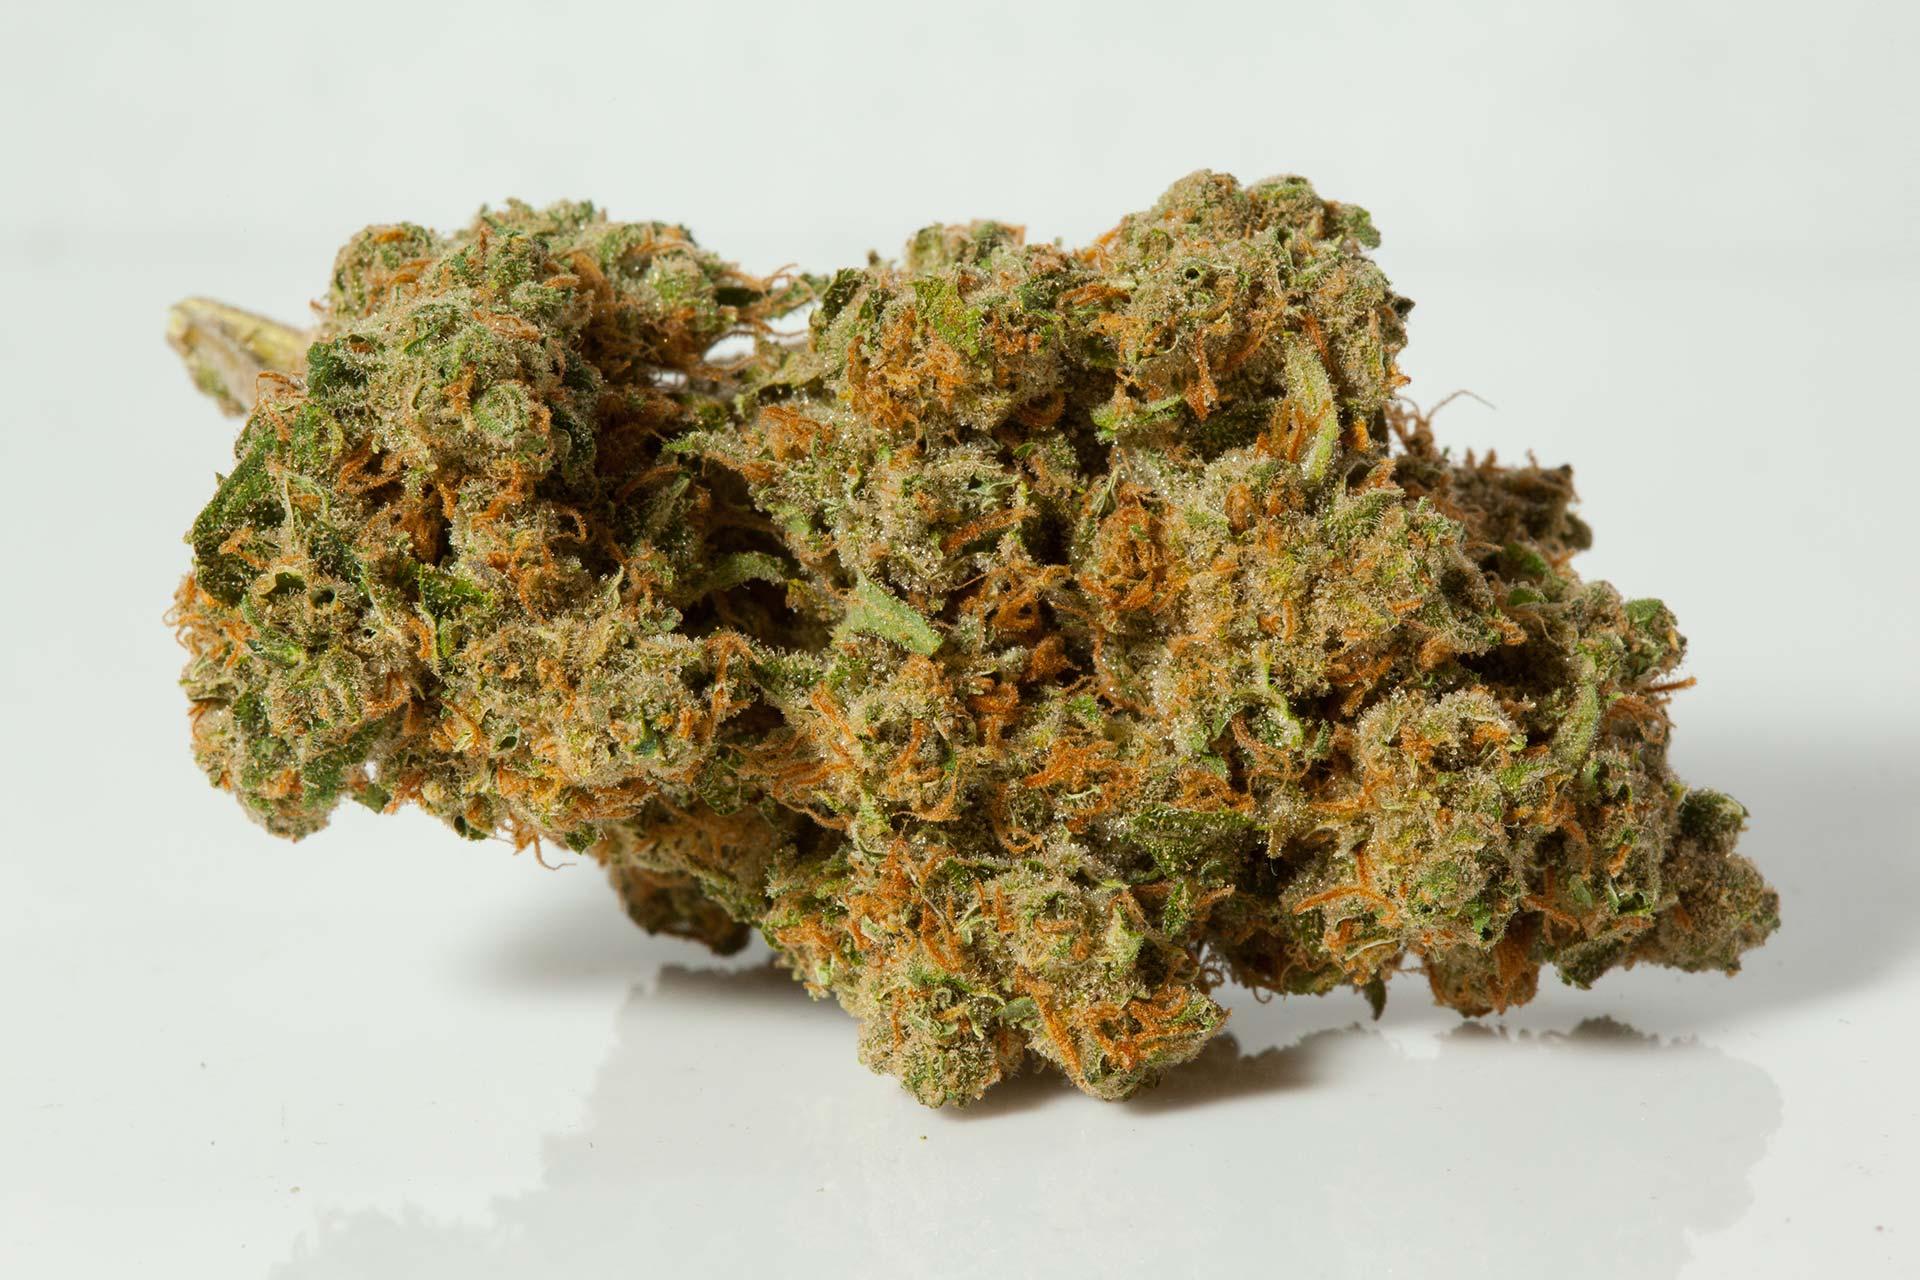 durban-poison-strain-1